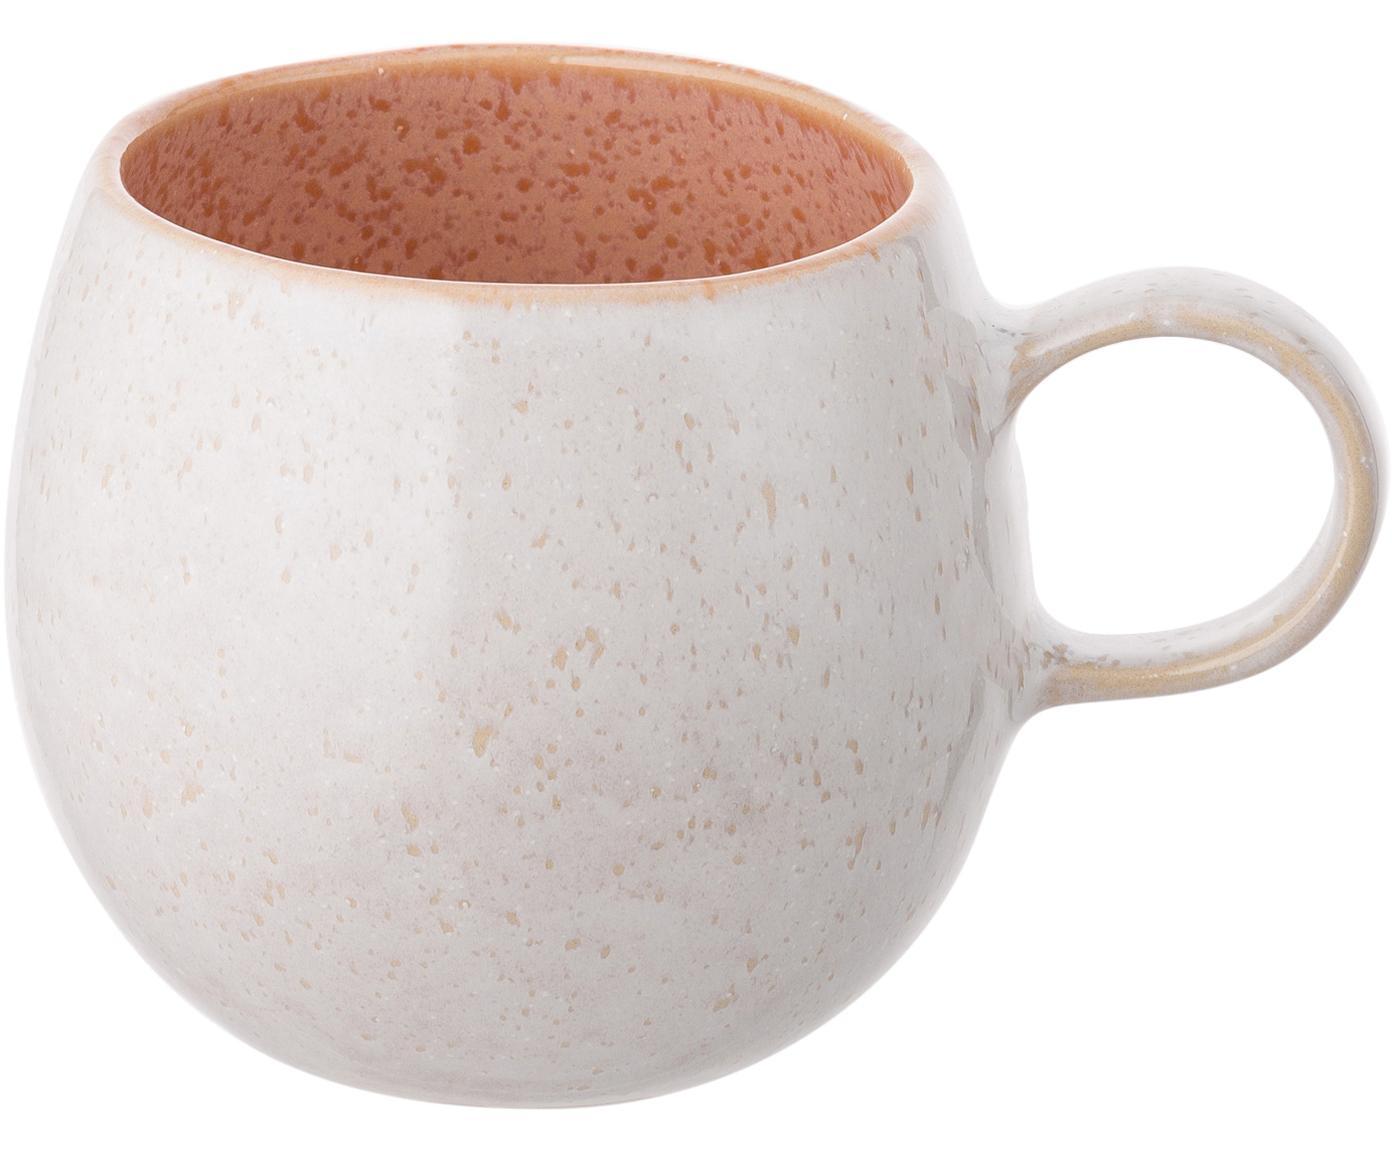 Handbemalte Teetassen Areia, 2 Stück, Steingut, Rottöne, Gebrochenes Weiss, Hellbeige, Ø 9 x H 10 cm